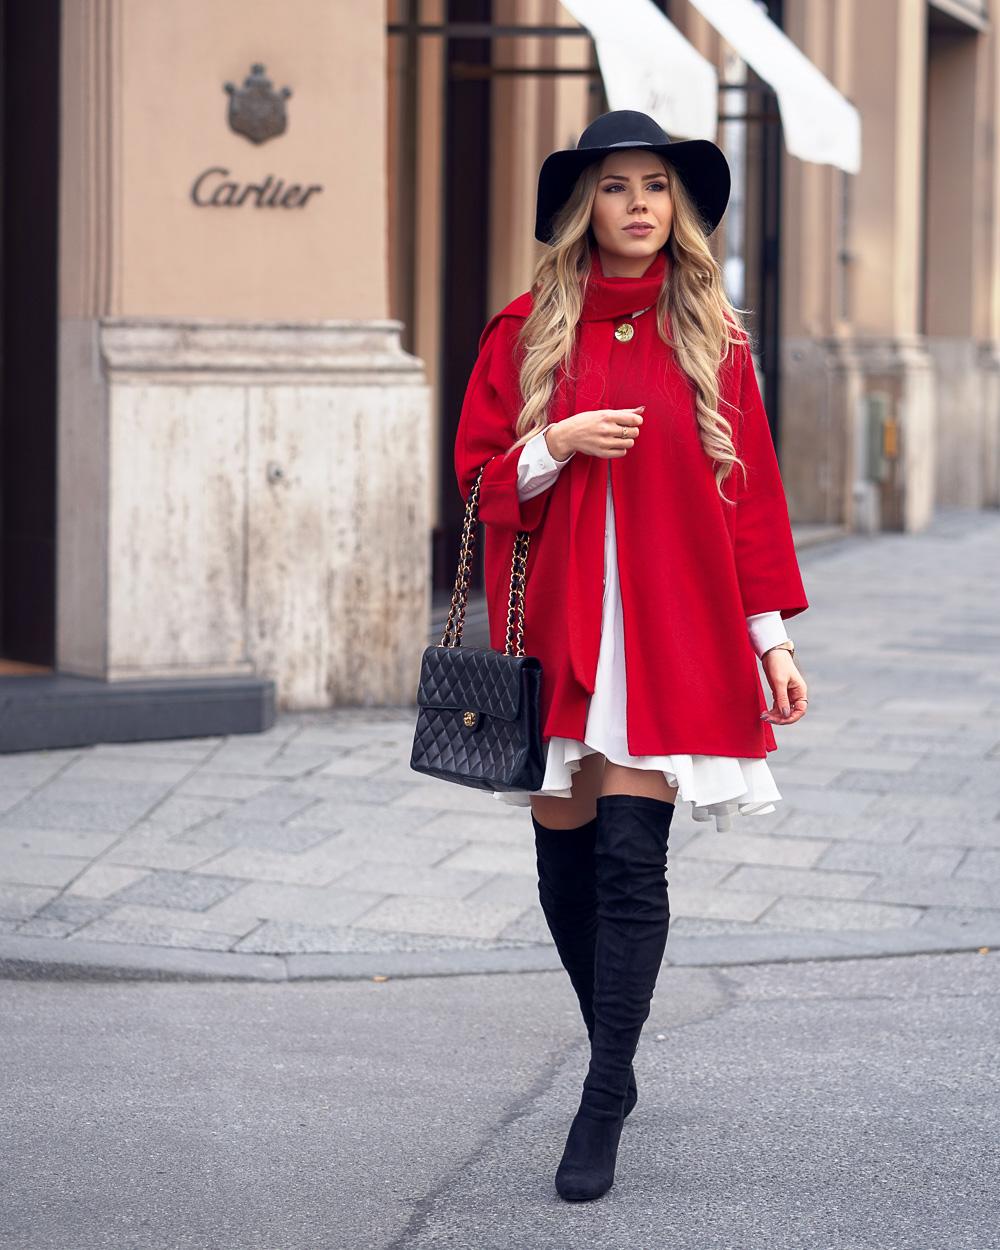 Berliner Fashion Week-zweiter Look-roter Poncho-schwarzer Schlapphut-Overknees-Chanel Bag-weißes Blusenkleid